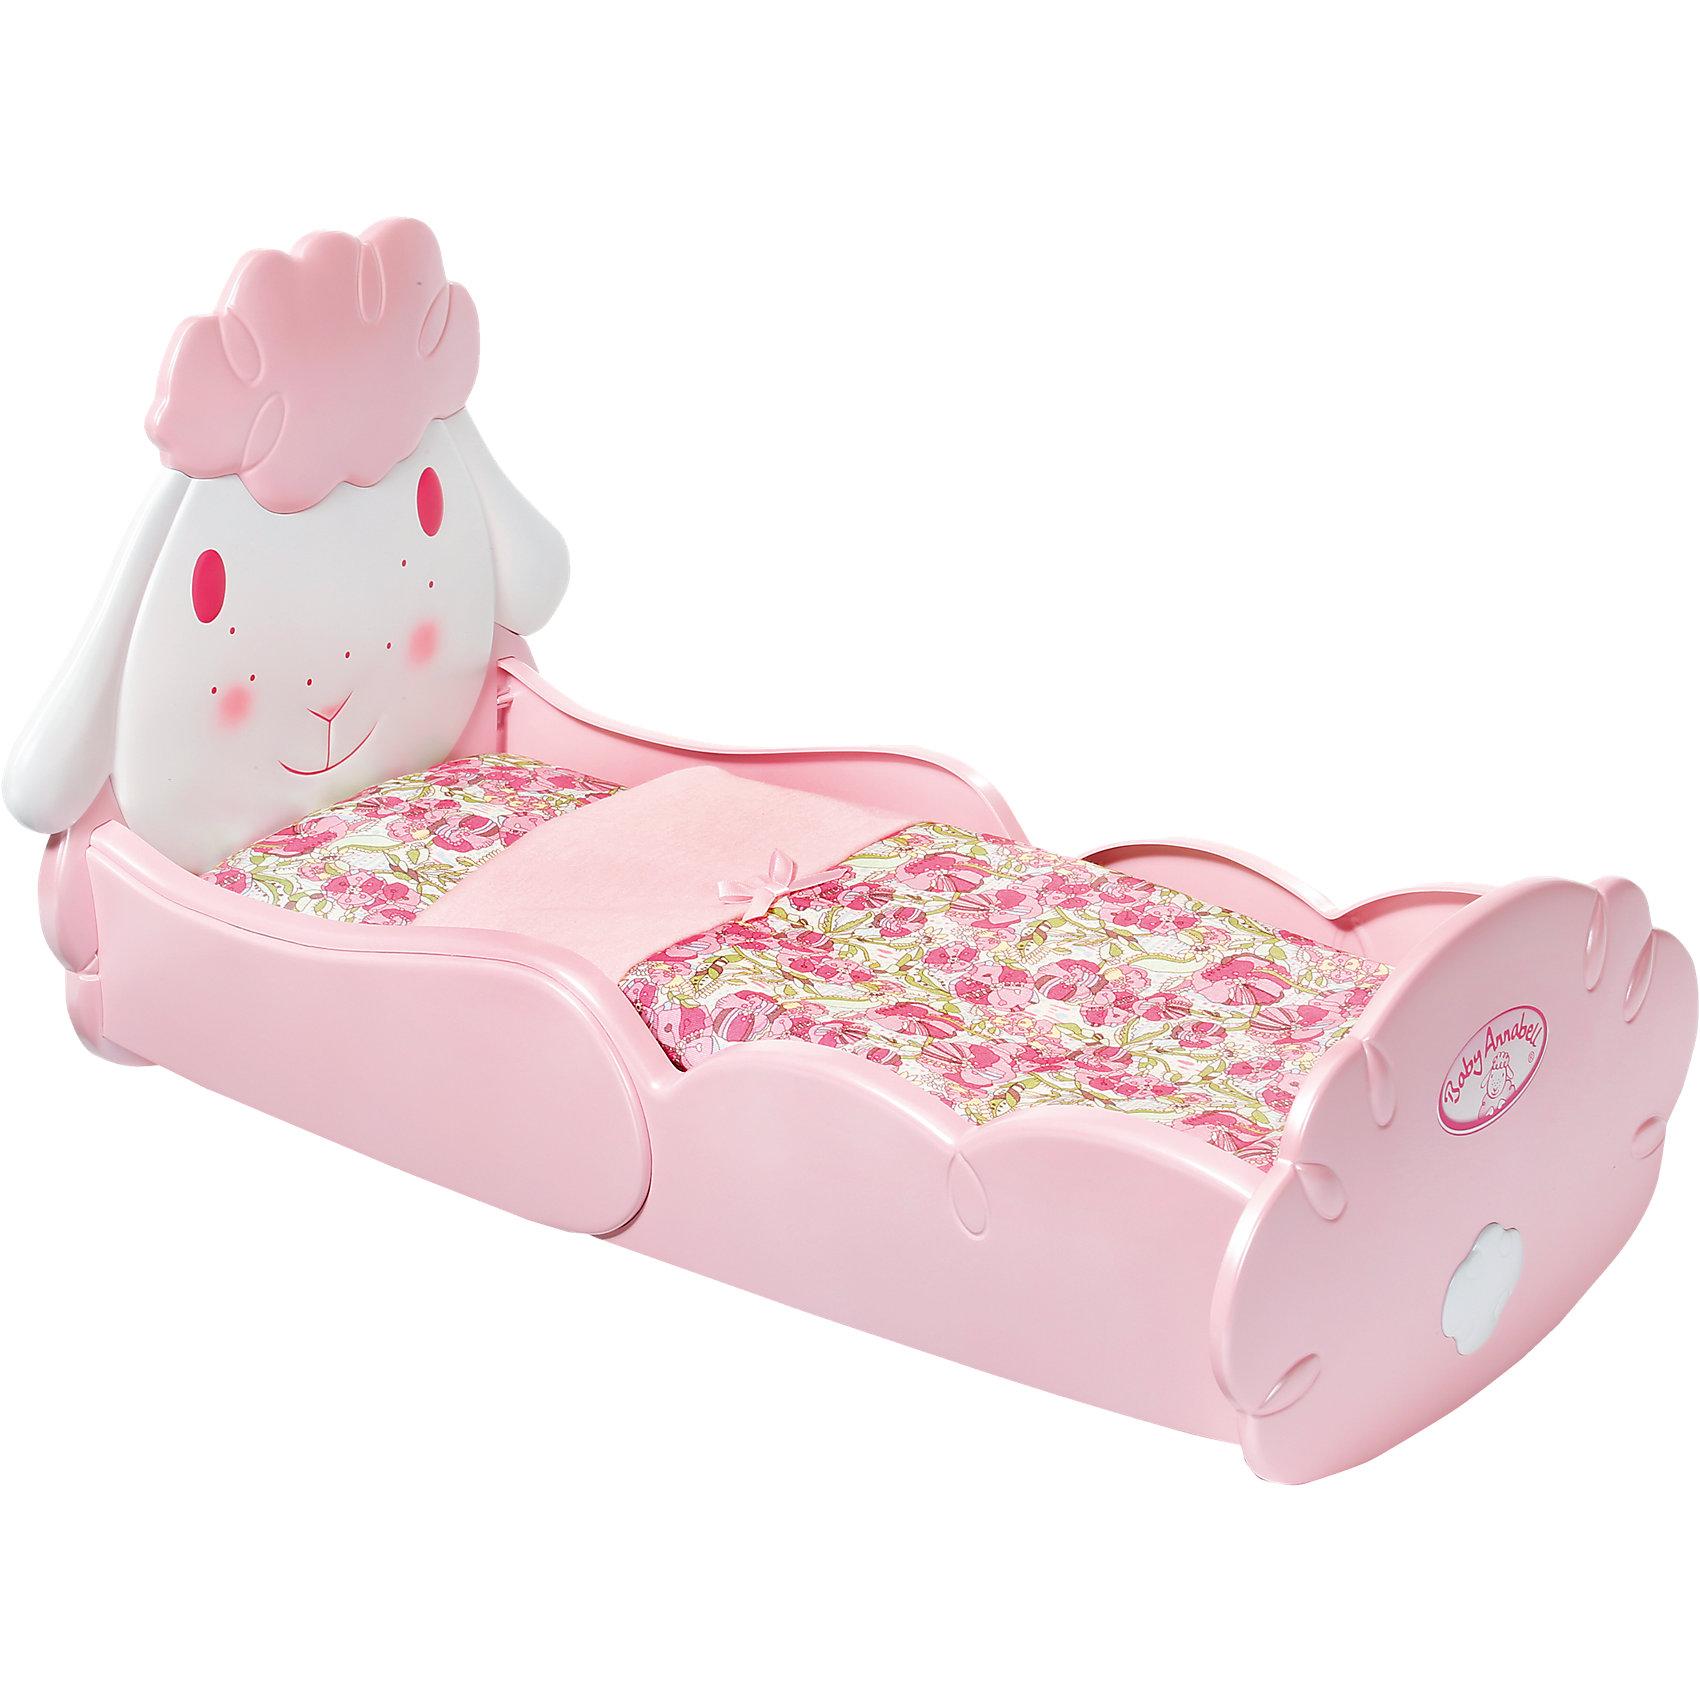 Кроватка Овечка с аксессуарами, Baby AnnabellУютная Кроватка Овечка с аксессуарами, Baby Annabell (Бэйби Аннабель) – очень стильная и нежная, как раз для маленькой куклы-принцессы. В изголовье кроватки изображена милая овечка, в кроватке лежит матрас, подушка и одеяло с цветочным принтом. Кроватку можно качать, уложив куколку спать и убаюкивать, напевая колыбельную. <br><br>Характеристики:<br>-Колыбель станет прекрасным дополнением к кукле Аннабель и коллекции других аксессуаров  «Бэйби Аннабель»<br>-Развивает: навыки ответственности, хозяйственности, фантазию, мелкую моторику, речь<br>-Кроватка в стиле Бэйби Аннабель: приятные фирменные розовые оттенки<br><br>Комплектация: кроватка, матрасик, мягкое одеяло и подушечка<br><br>Дополнительная информация:<br>-Материалы: пластик, текстиль<br>-Размеры в упаковке: 52х12х32 см<br>-Вес в упаковке: 1,8 кг<br>-Внимание! Кукла в комплект НЕ входит<br><br>Кроватка «Овечка» с аксессуарами обязательно понравится маленькой девочке, ведь в ней так удобно убаюкивать любимую куклу!<br><br>Кроватка Овечка с аксессуарами, Baby Annabell (Бэйби Аннабель) можно купить в нашем магазине.<br><br>Ширина мм: 525<br>Глубина мм: 324<br>Высота мм: 121<br>Вес г: 1153<br>Возраст от месяцев: 36<br>Возраст до месяцев: 60<br>Пол: Женский<br>Возраст: Детский<br>SKU: 4114985